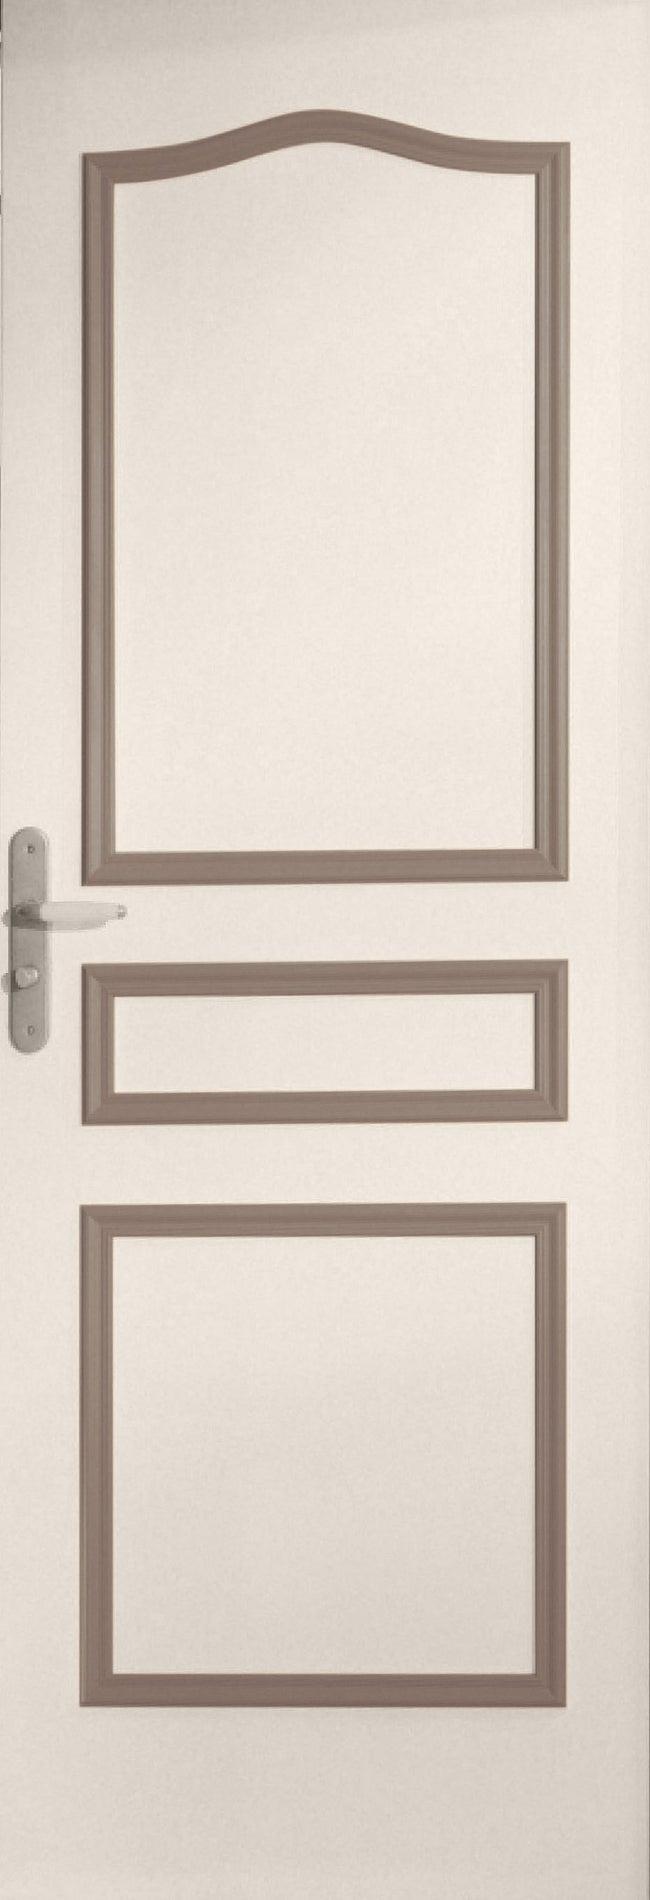 Decoration Porte Interieur Baguette décor de porte de 3 panneaux assemblés, chapeau de gendarme, bois exotique